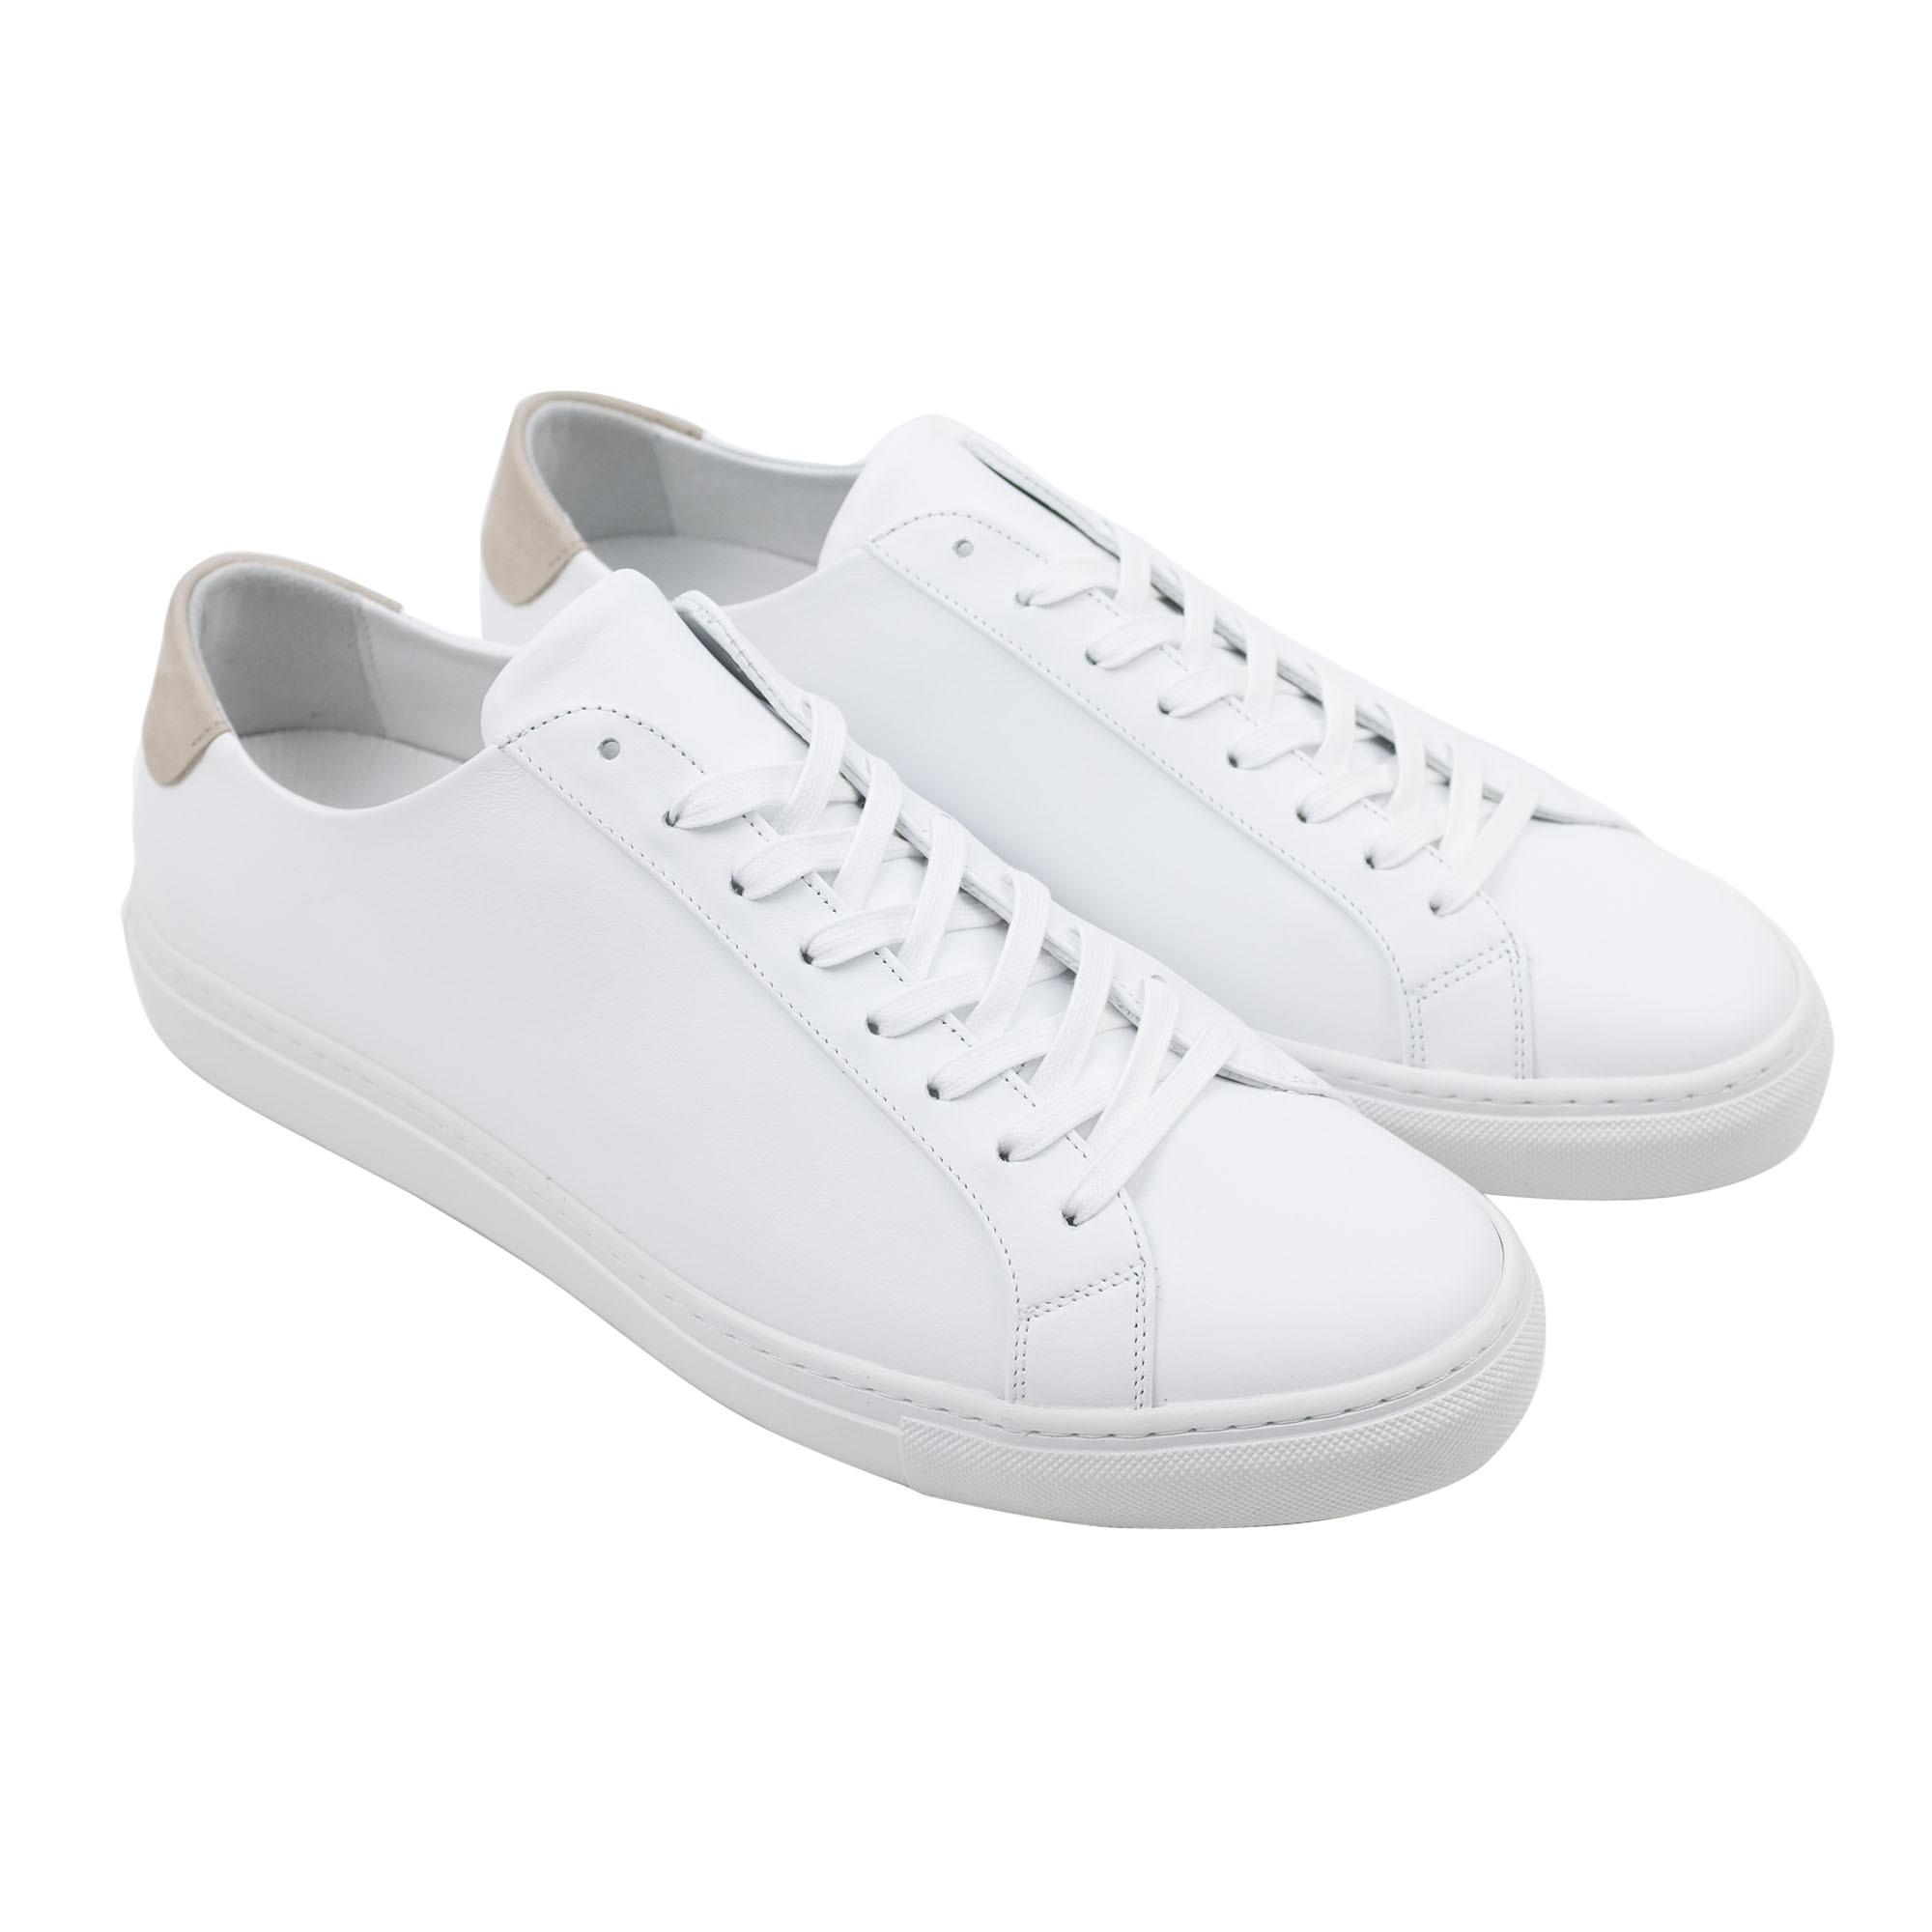 Filippa K Morgan Low Mix Sneakers - White